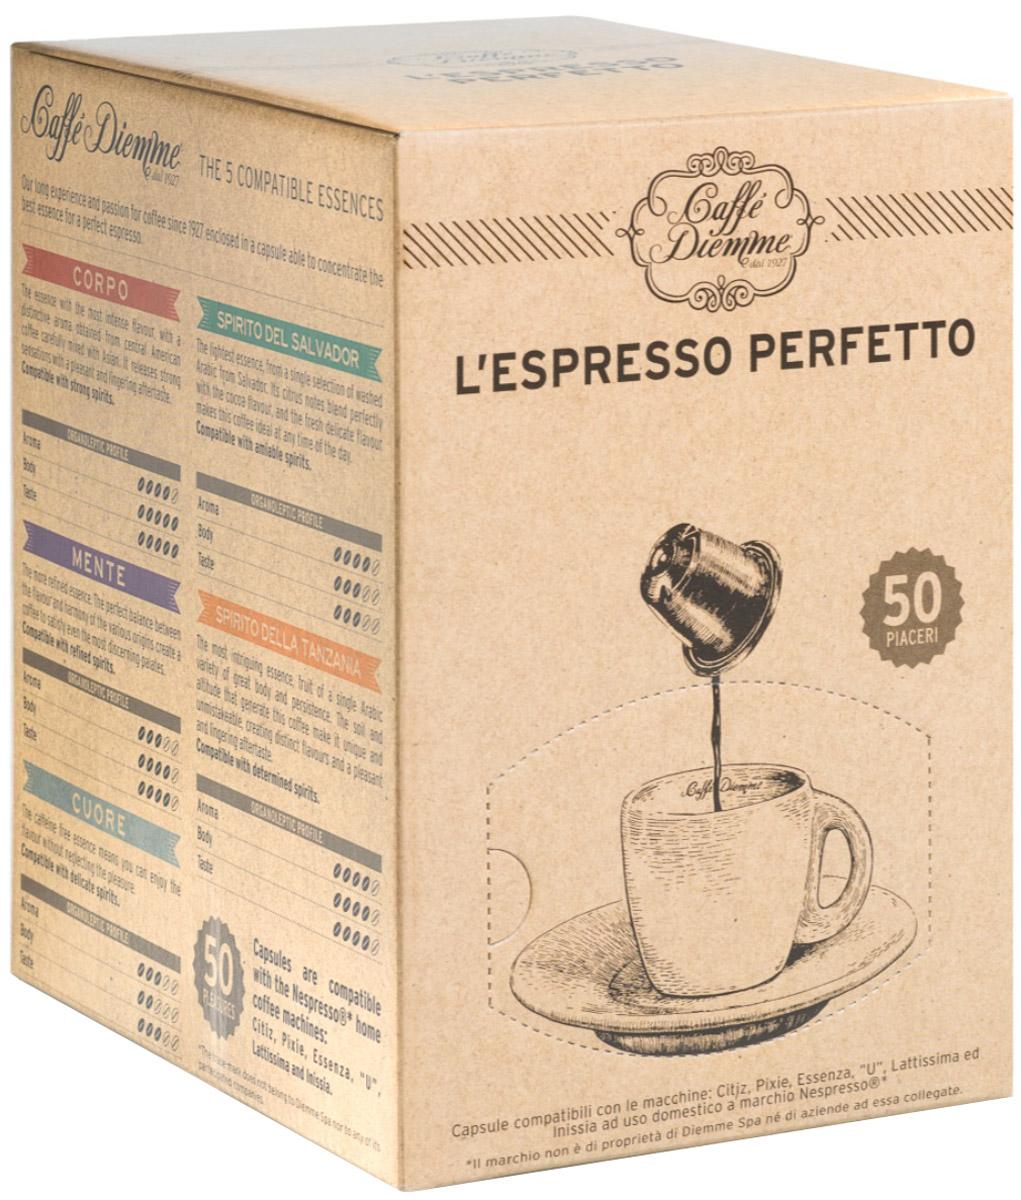 Diemme Caffe Spirito della Tanzania кофе в капсулах, моносорт, 50 шт